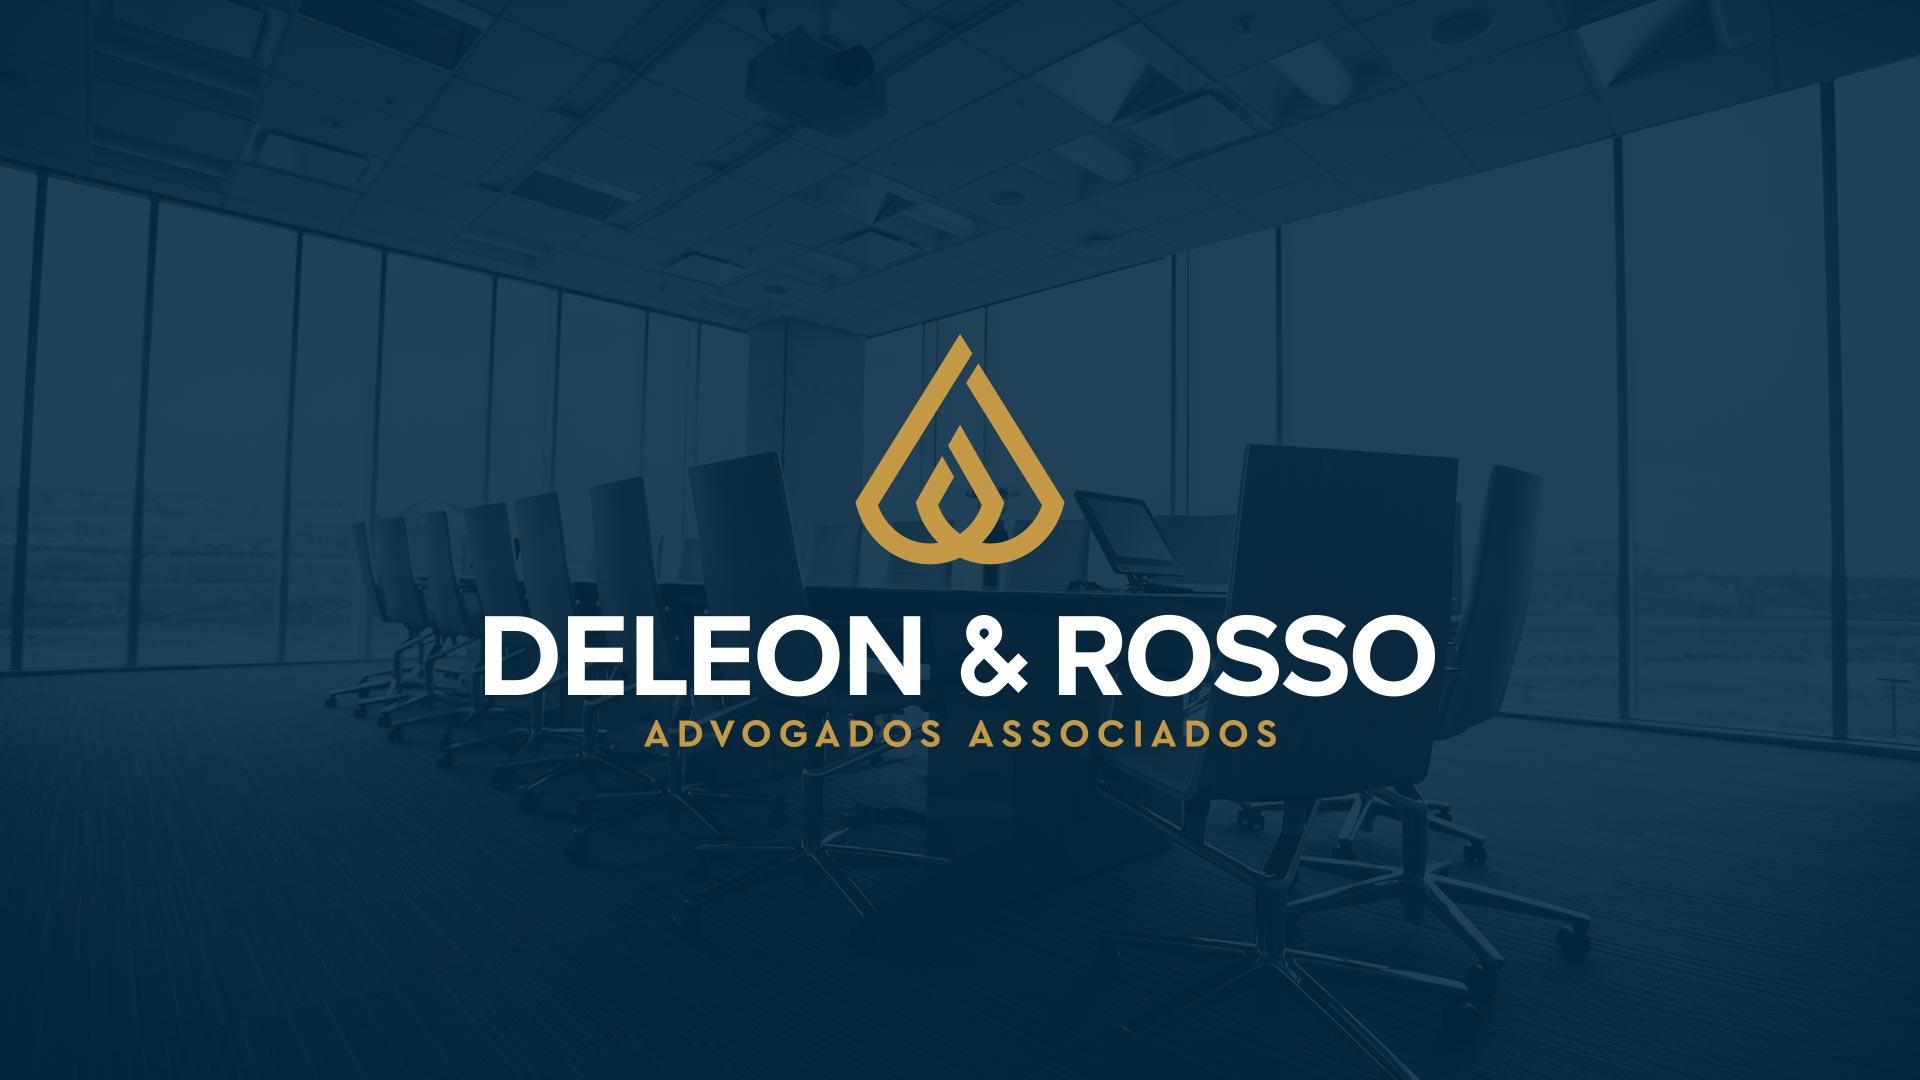 Identidade Visual e Verbal da Deleon & Rosso Advogados Associados